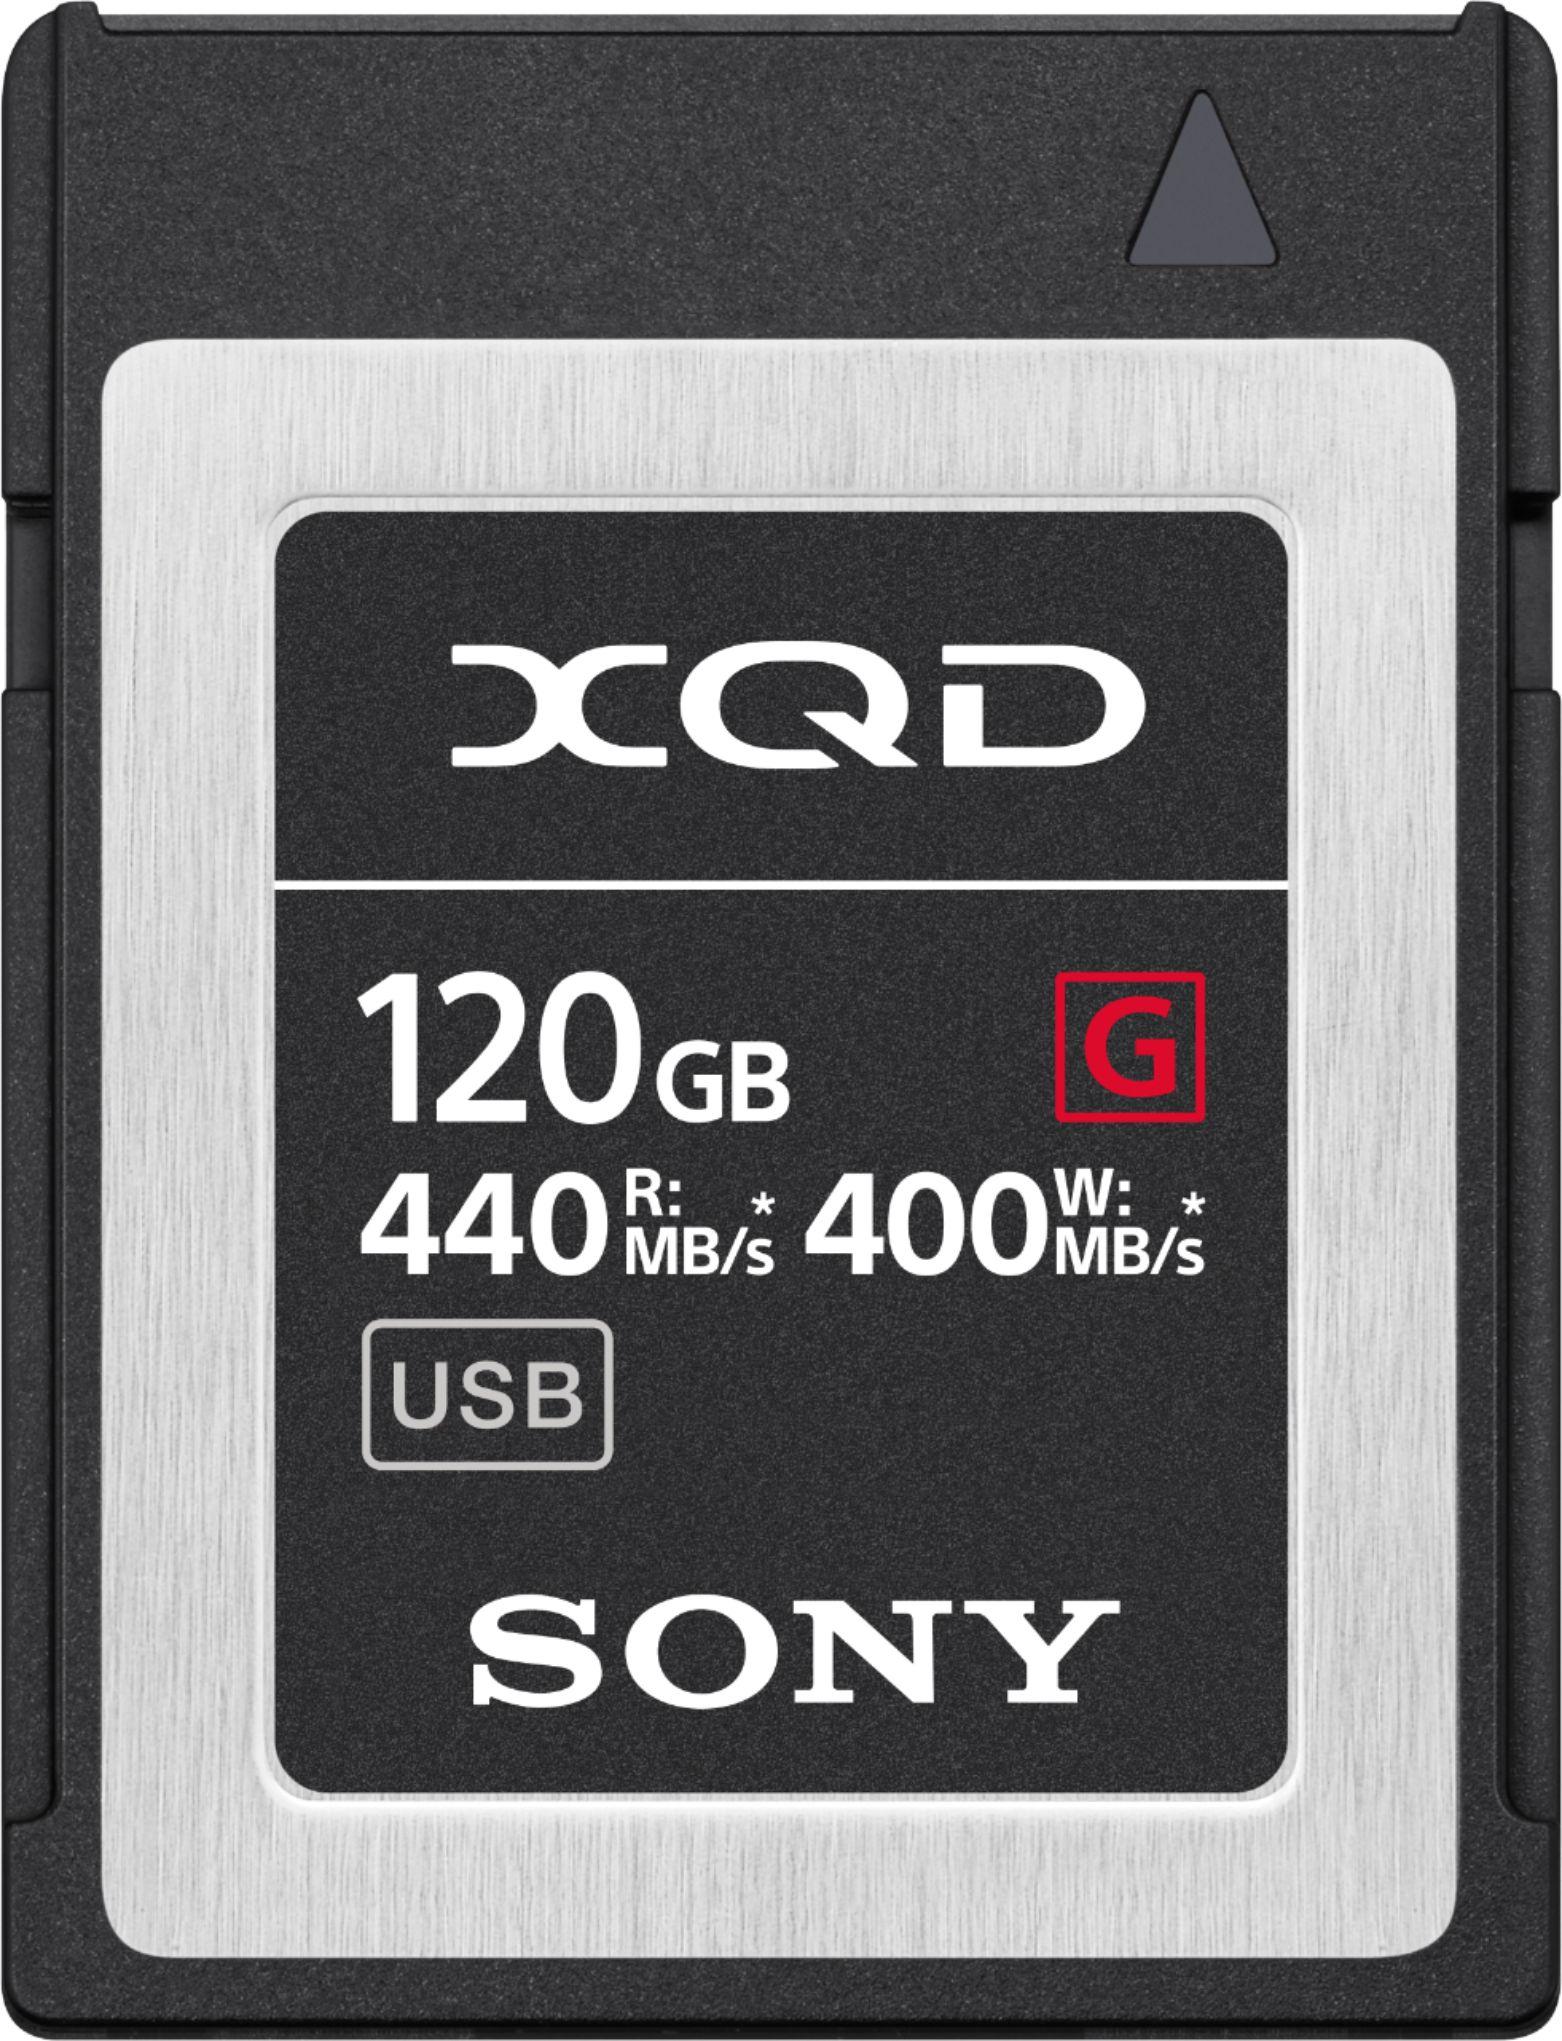 My BestBuy Offer : Sony - G-Series 120GB XQD Memory Card for $166.49